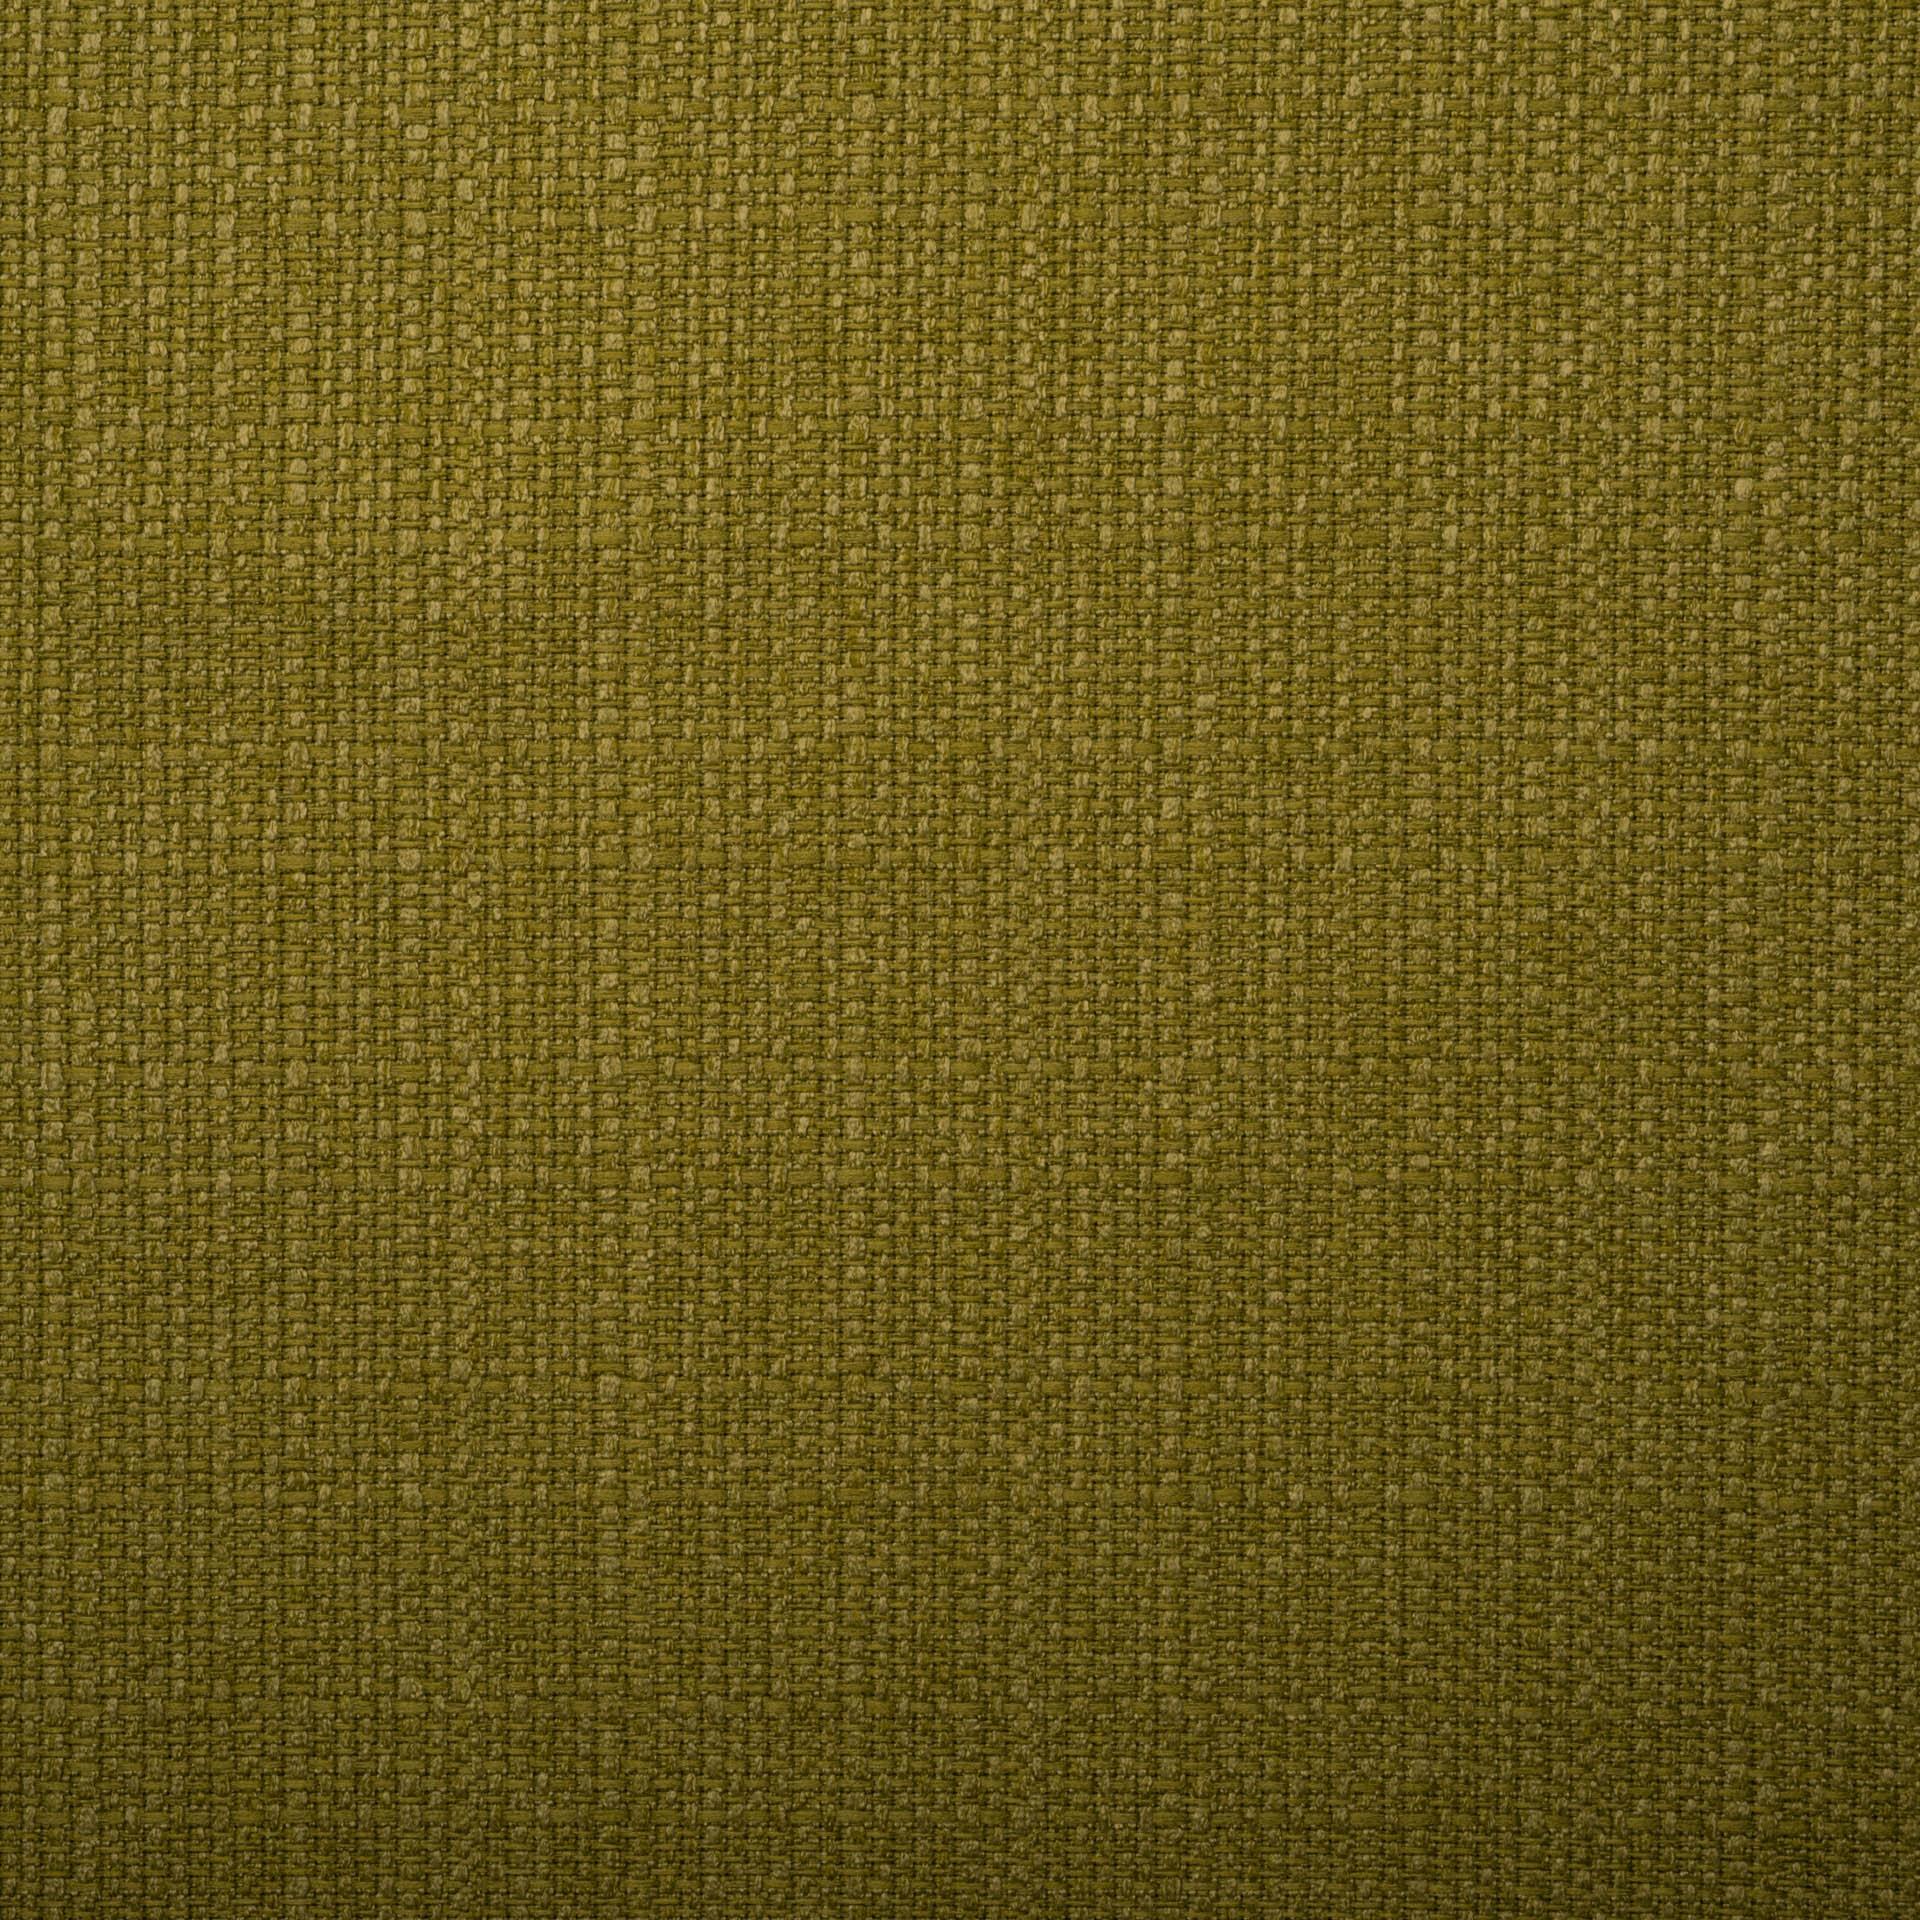 Коллекция ткани Портленд LIME 35,  купить ткань Рогожка для мебели Украина